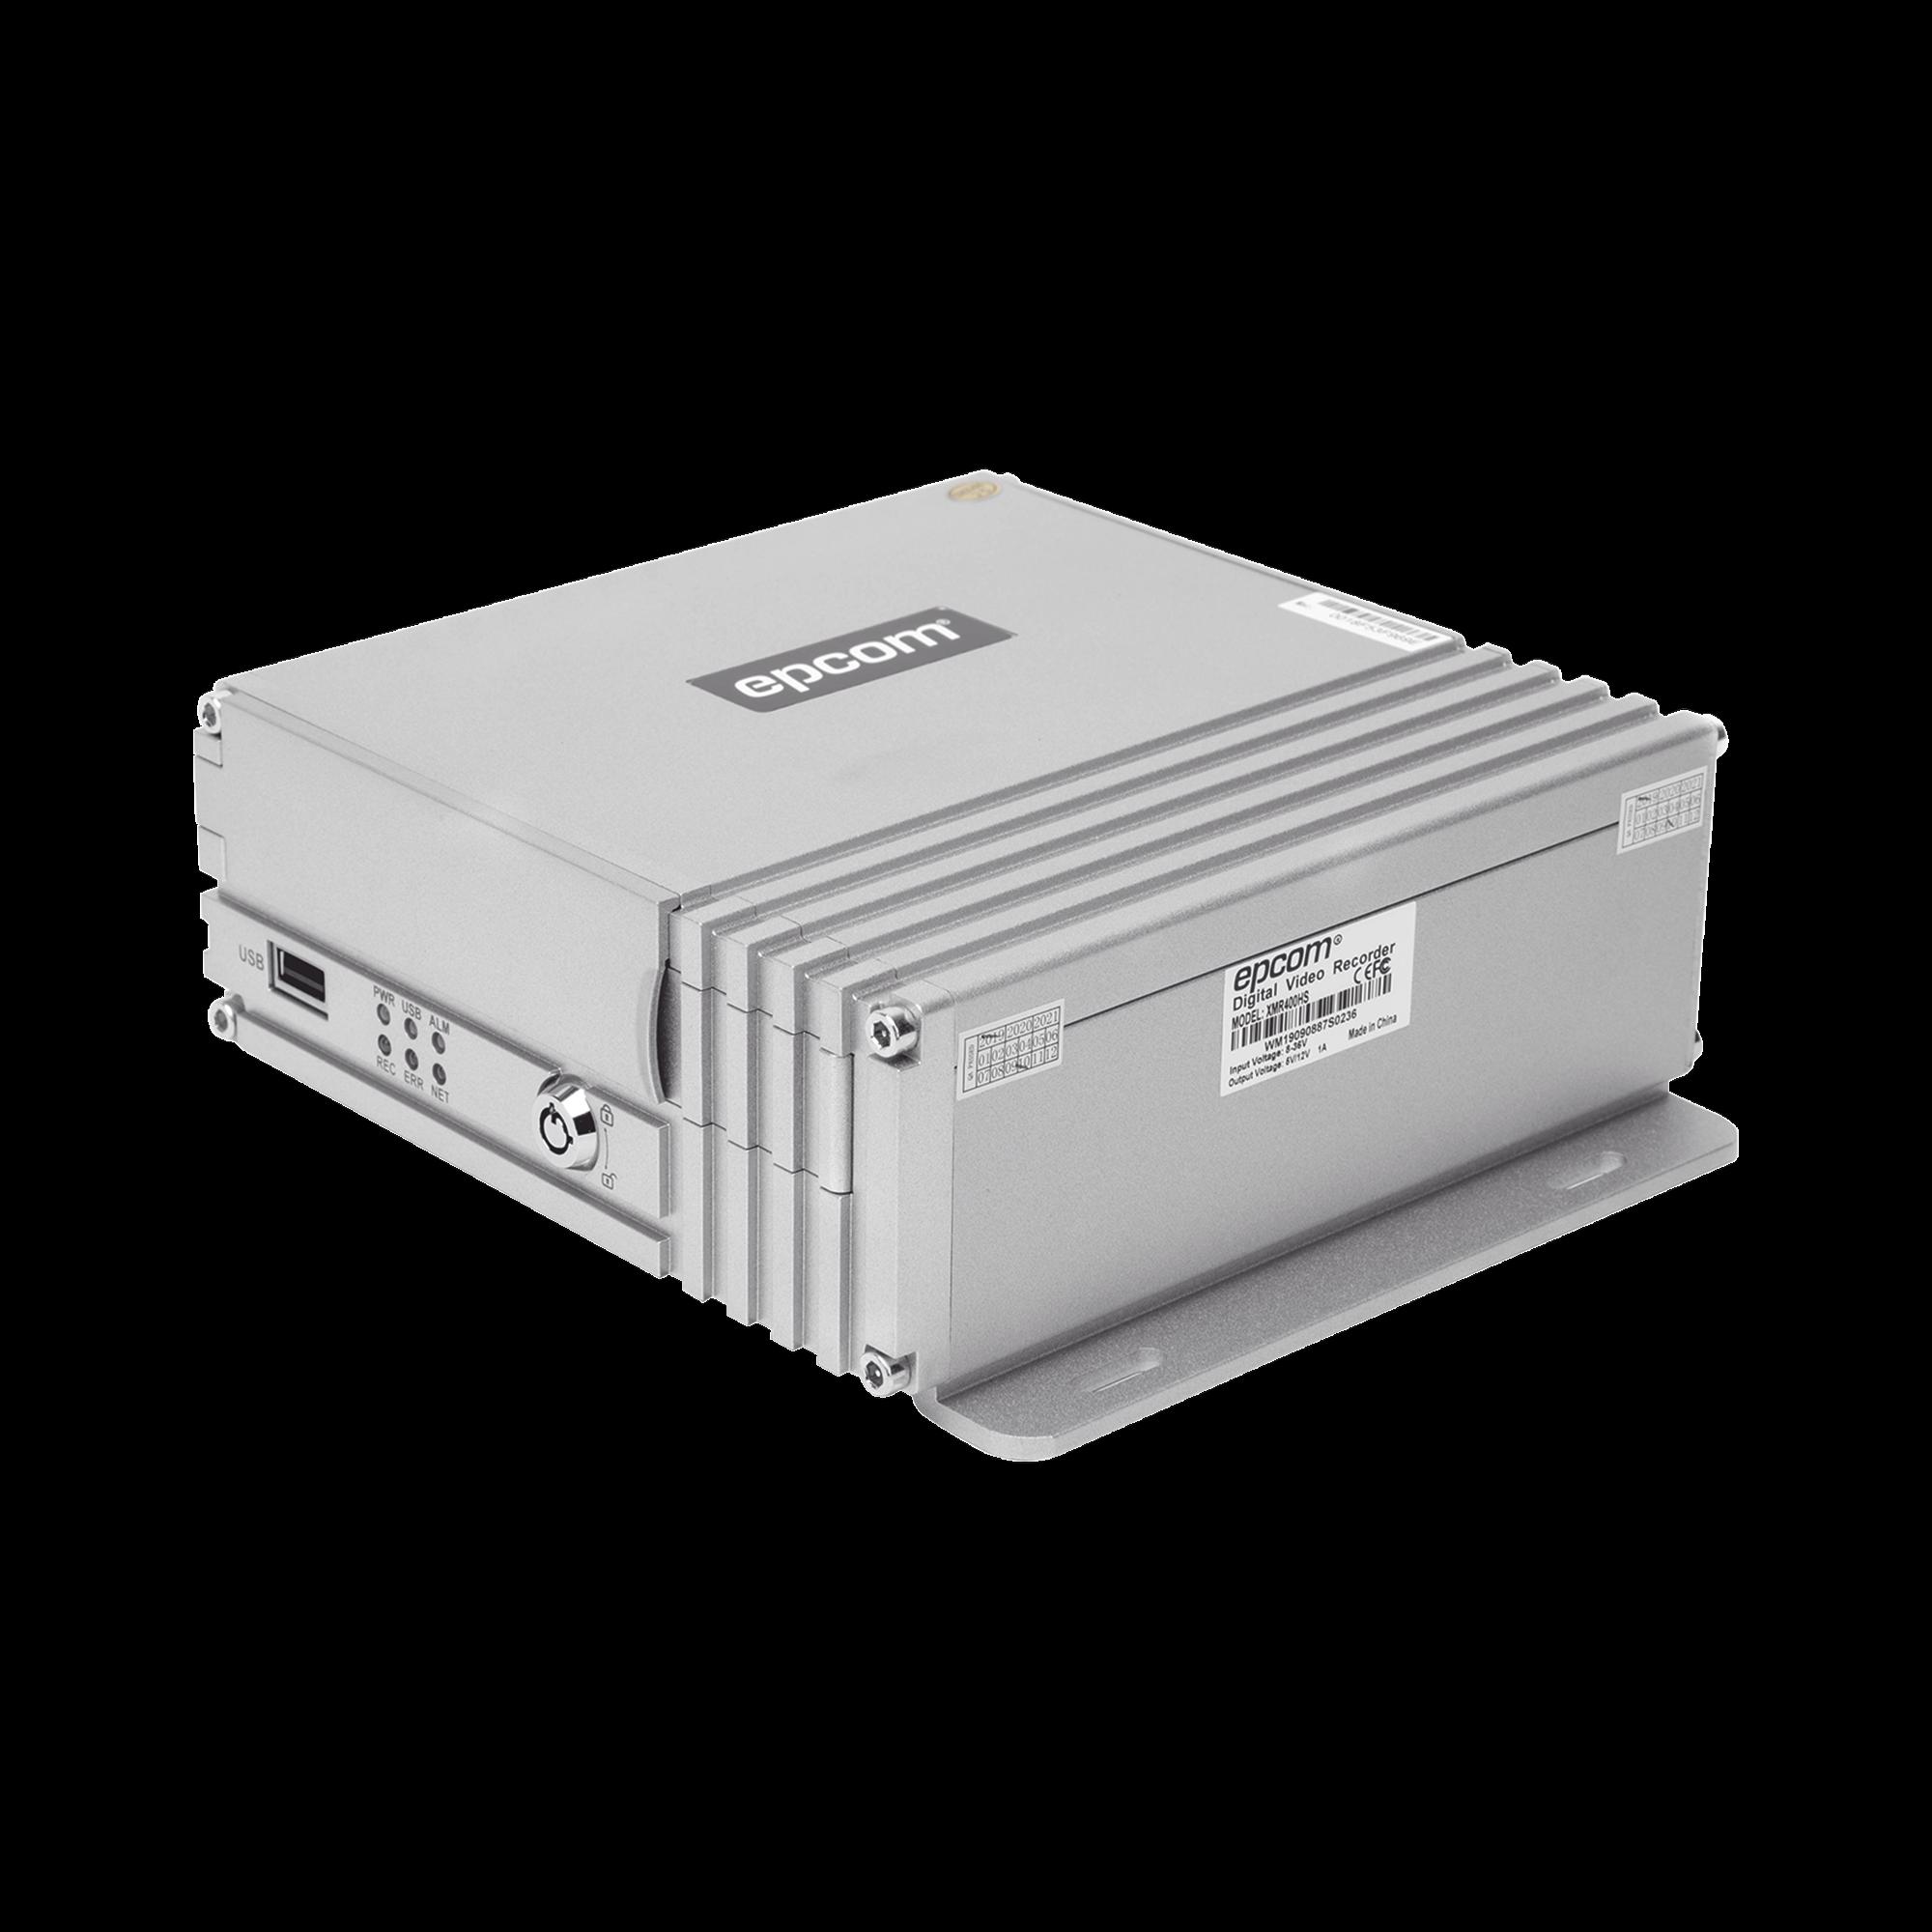 DVR movil / almacenamiento en HDD / 4 canales AHD hasta 2MP / compresion de video H.264